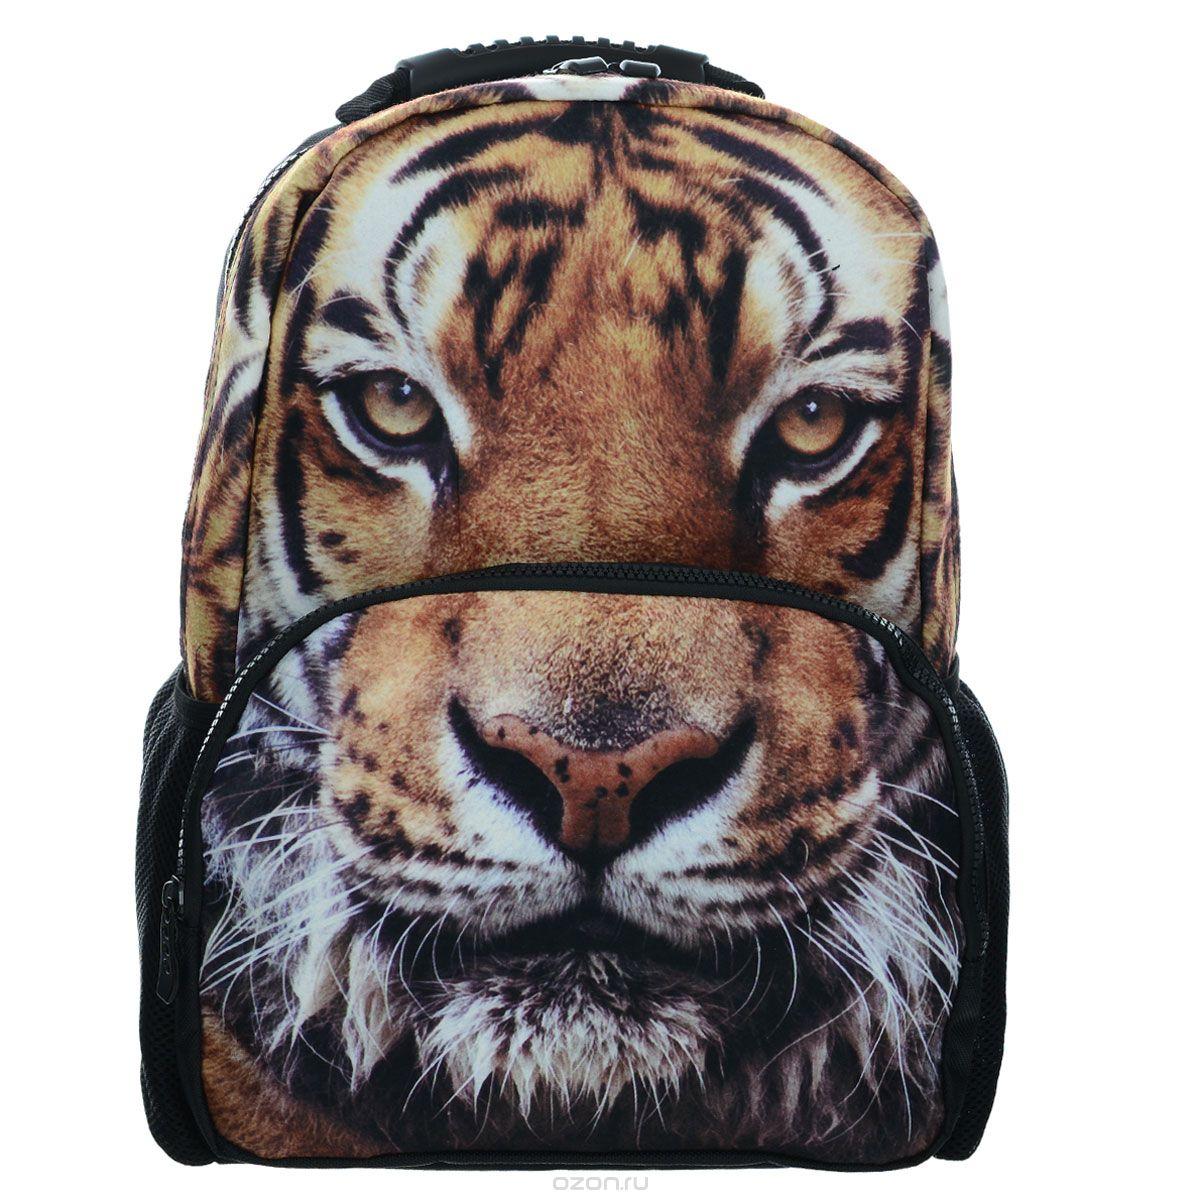 Рюкзак школьный Trend Line Tigers, цвет: черныйNR_00038Стильный школьный рюкзак Trend Line выполнен из полиэстера, дополнен вставкой из флиса, которая оформлена художественной печатью с изображением Tigers. Рюкзак имеет одно основное отделение, закрывающееся на застежку-молнию. Снаружи, на лицевой стороне, рюкзака размещен накладной карман на молнии, внутри которого предусмотрен еще один накладной карман на липучке. С двух сторон изделия расположены два накладных сетчатых кармашка. В верхней части изделия предусмотрена эргономичная ручка для переноски, а также предусмотрены регулируемые лямки. Такой рюкзак станет незаменимым спутником вашего ребенка в походах за знаниями.